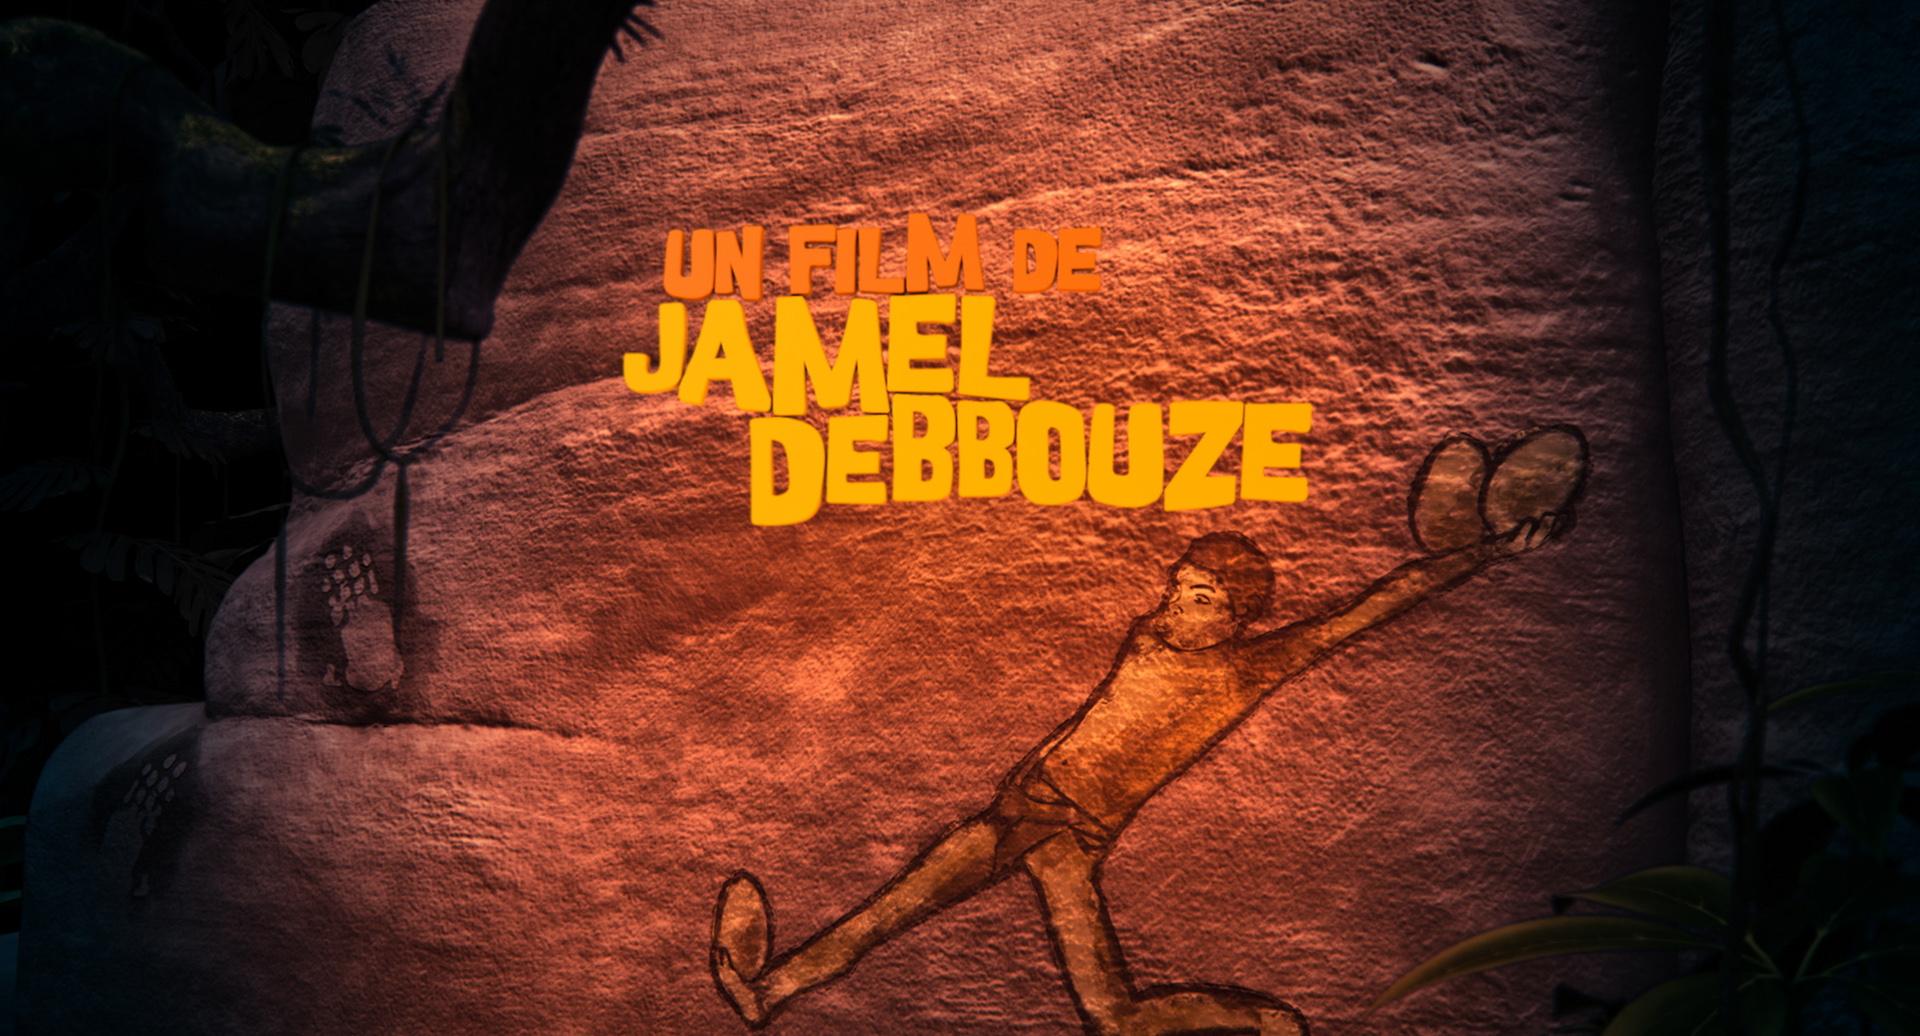 Générique de fin du film « Pourquoi j'ai pas mangé mon père? » réalisé par Jamel Debbouze. Puisque le film traite de la découverte du feu, la chasse, l'habitat moderne, l'amour et même l'espoir, j'ai créé toutes les illustrations des personnages en m'inspirant des dessins préhistoriques afin que l'on reste dans l'ambiance du film.